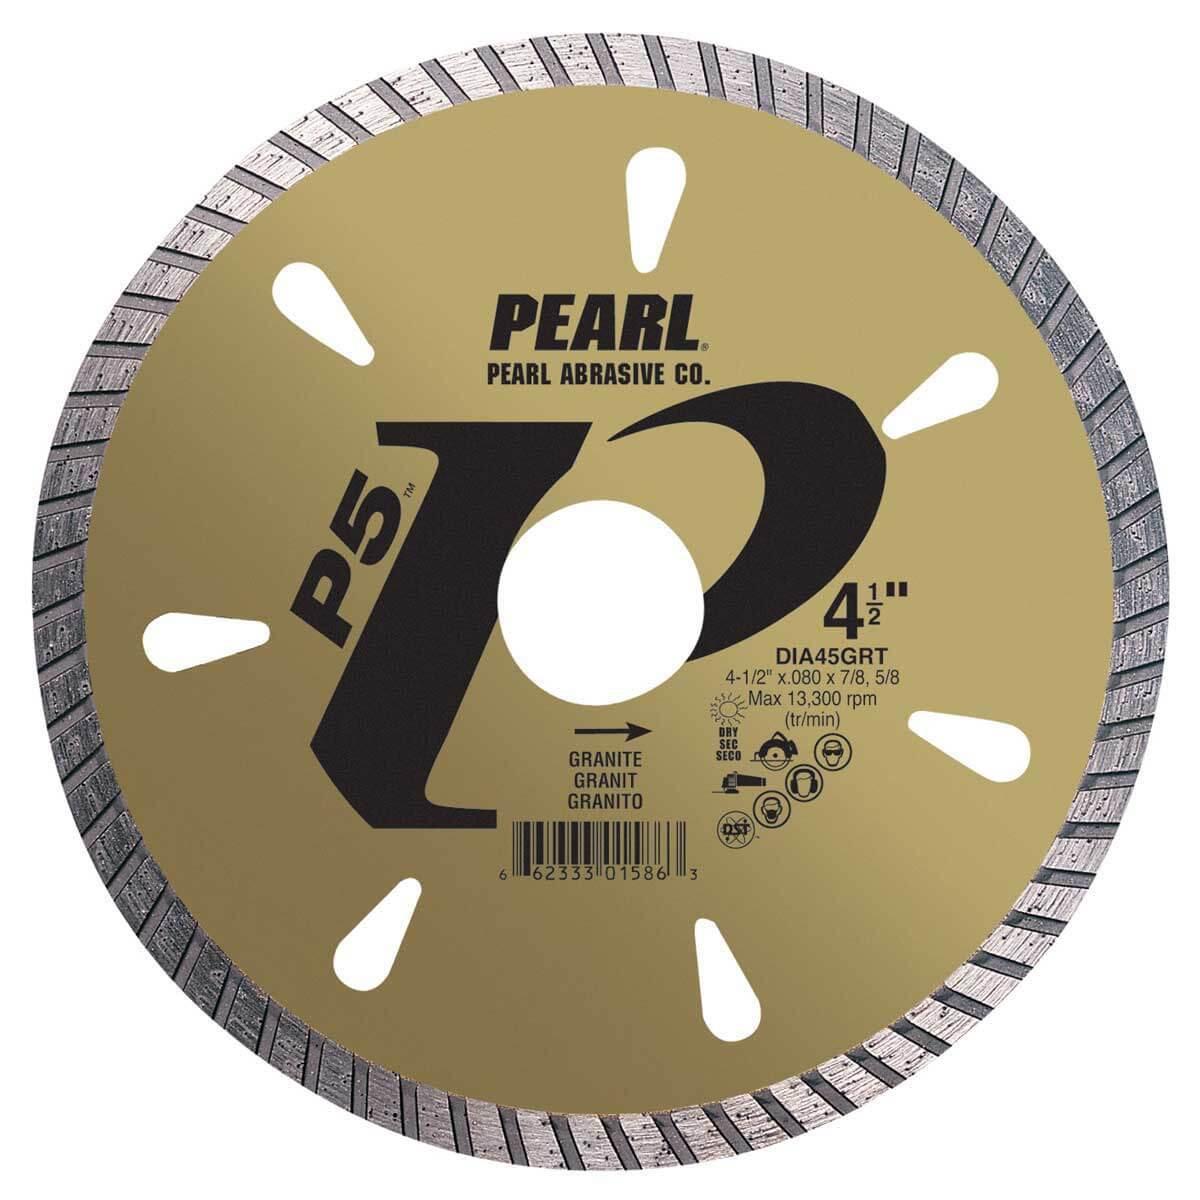 pearl grt 4 1/2in dry granite diamond blade